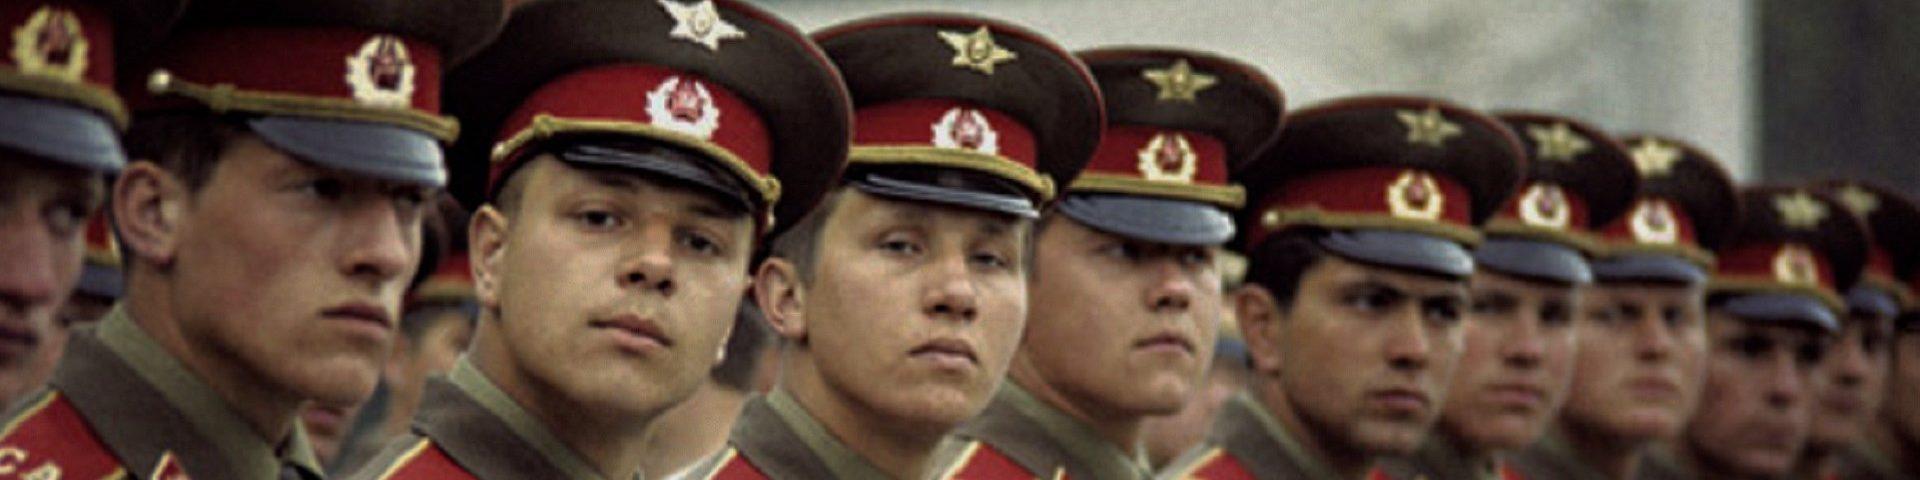 Verordnete Freundschaft | Die Sowjetische Besatzung 1945 bis 1994